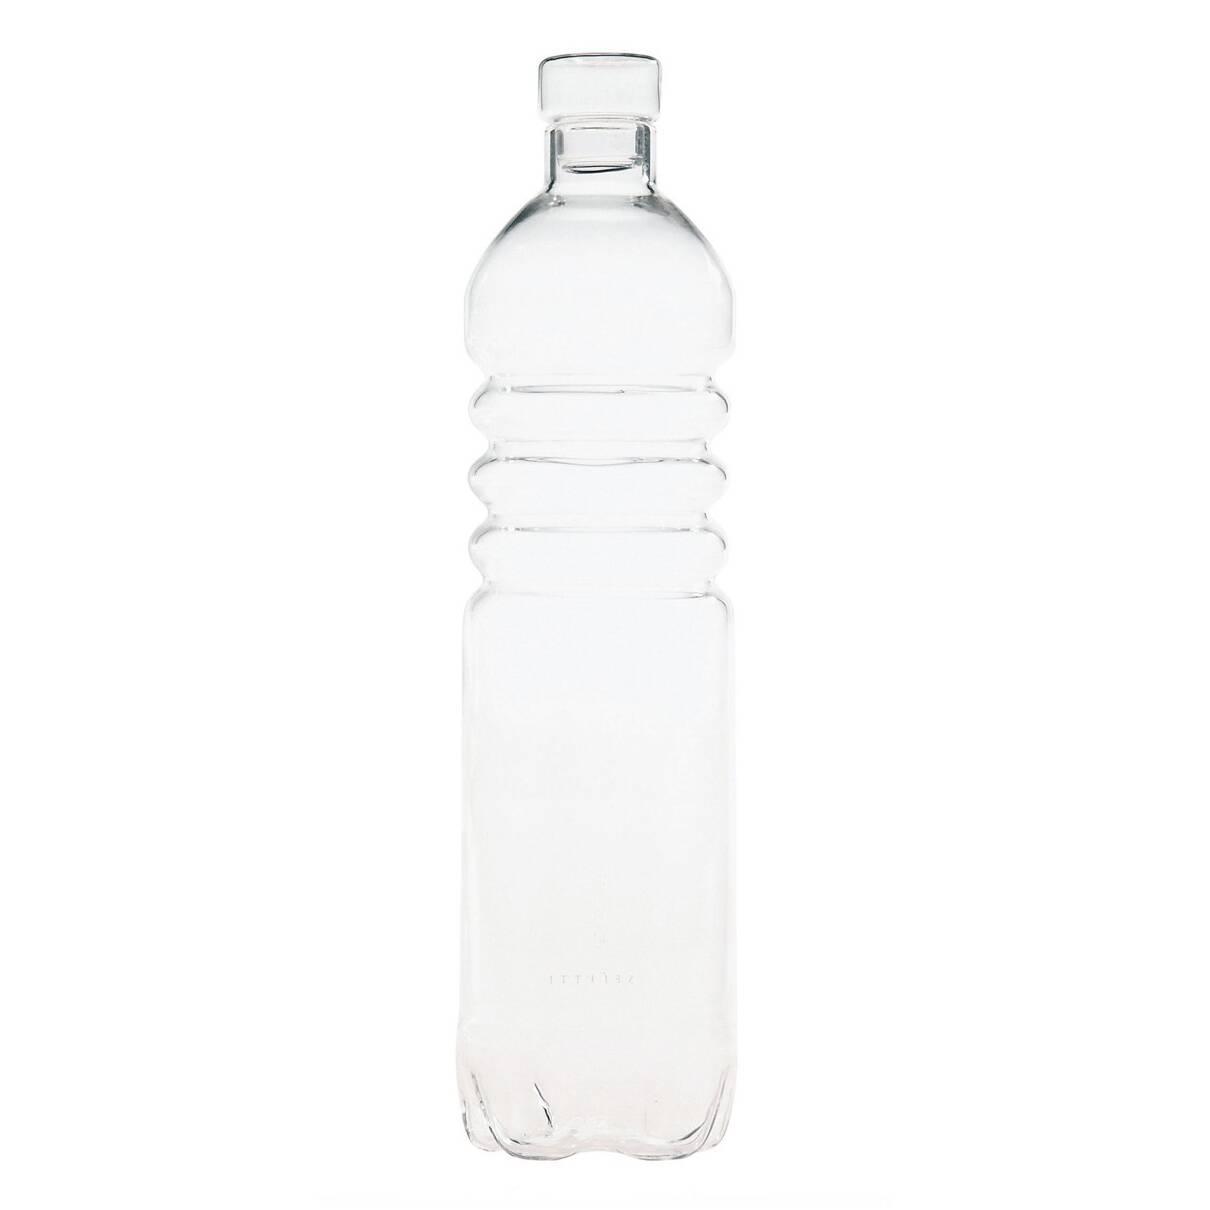 Бутылка Estetico QuotidianoПосуда<br>Бутылка Estetico Quotidiano из коллекции столовой посуды Estetico Quotidiano. Что в нашей жизни может быть привычнее и незаметнее, чем, например, одноразовая посуда или пластиковые бутылки? Разве только посуда в собственном доме, на рисунок которой уже давно не обращаешь внимания.<br><br><br> Дизайнер Алессандро Дзамбелли совместно с компанией Seletti выпустили коллекцию столовой посуды под названием Estetico Quotidiano, что можно перевести с итальянского языка как «эстетика повседневности»...<br><br>stock: 23<br>Высота: 34<br>Материал: Стекло<br>Цвет: Прозрачный/Clear<br>Диаметр: 8,5